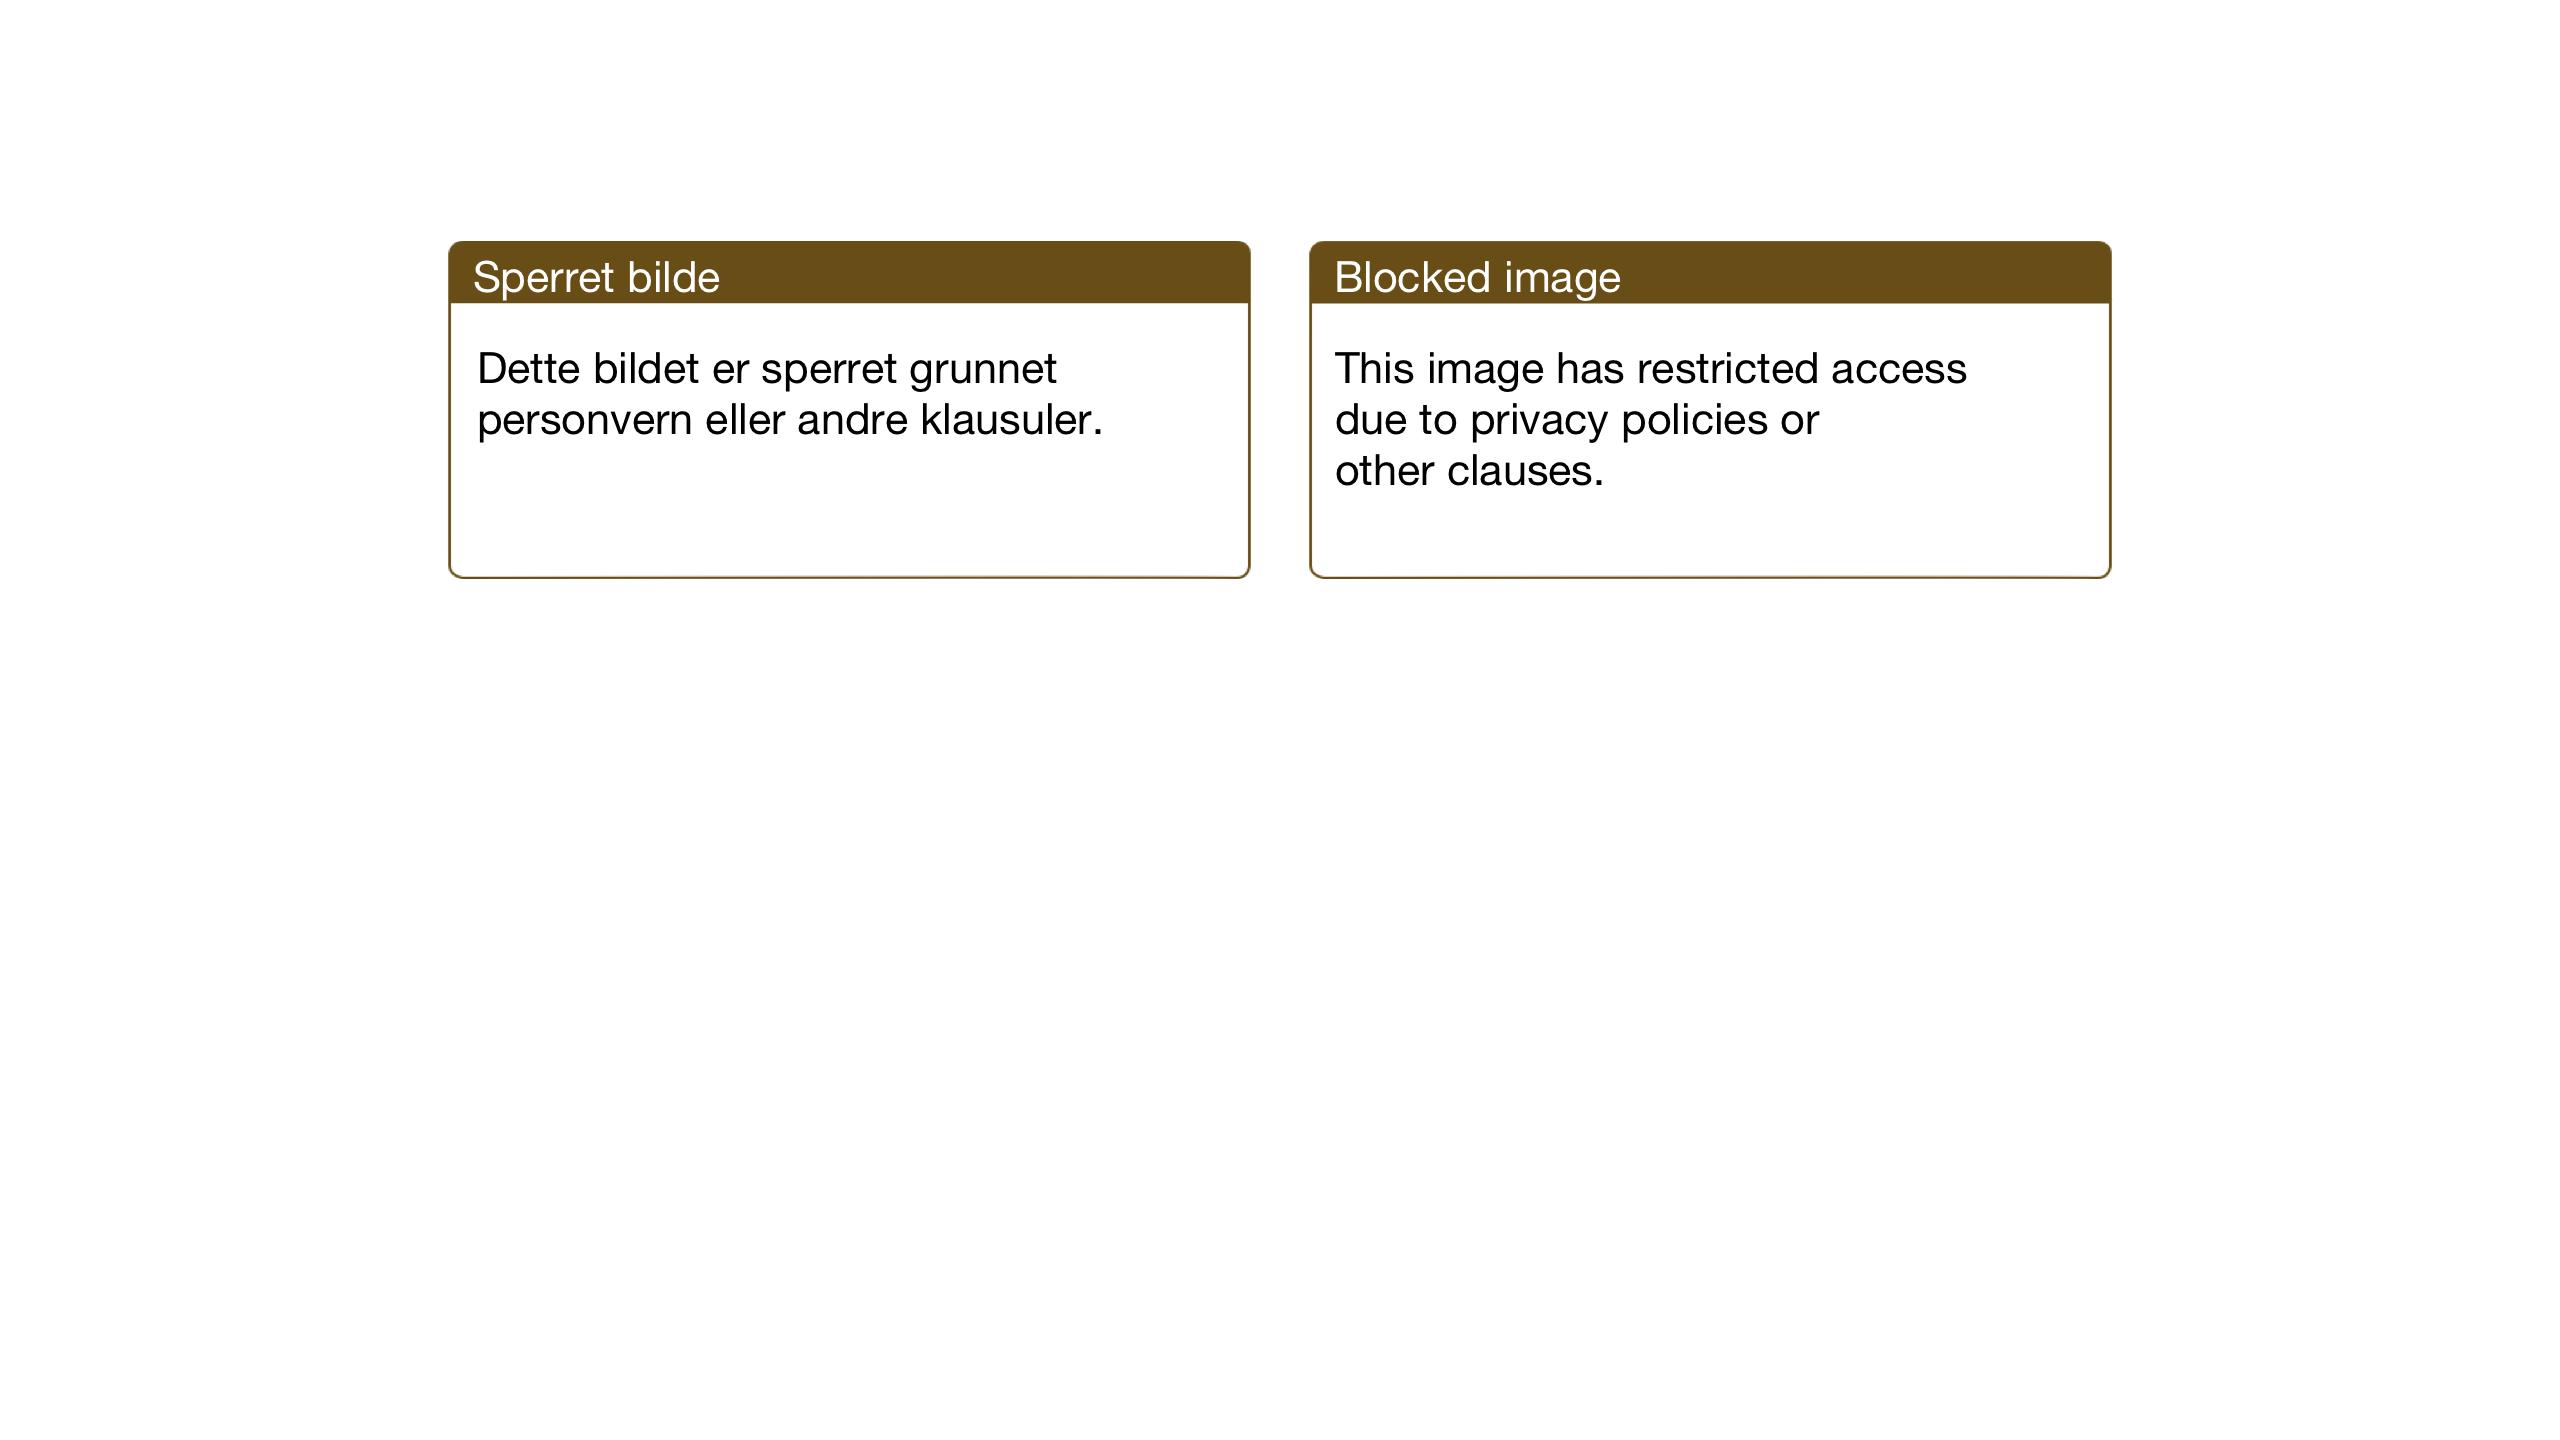 SAT, Ministerialprotokoller, klokkerbøker og fødselsregistre - Nord-Trøndelag, 722/L0227: Klokkerbok nr. 722C03, 1928-1958, s. 78